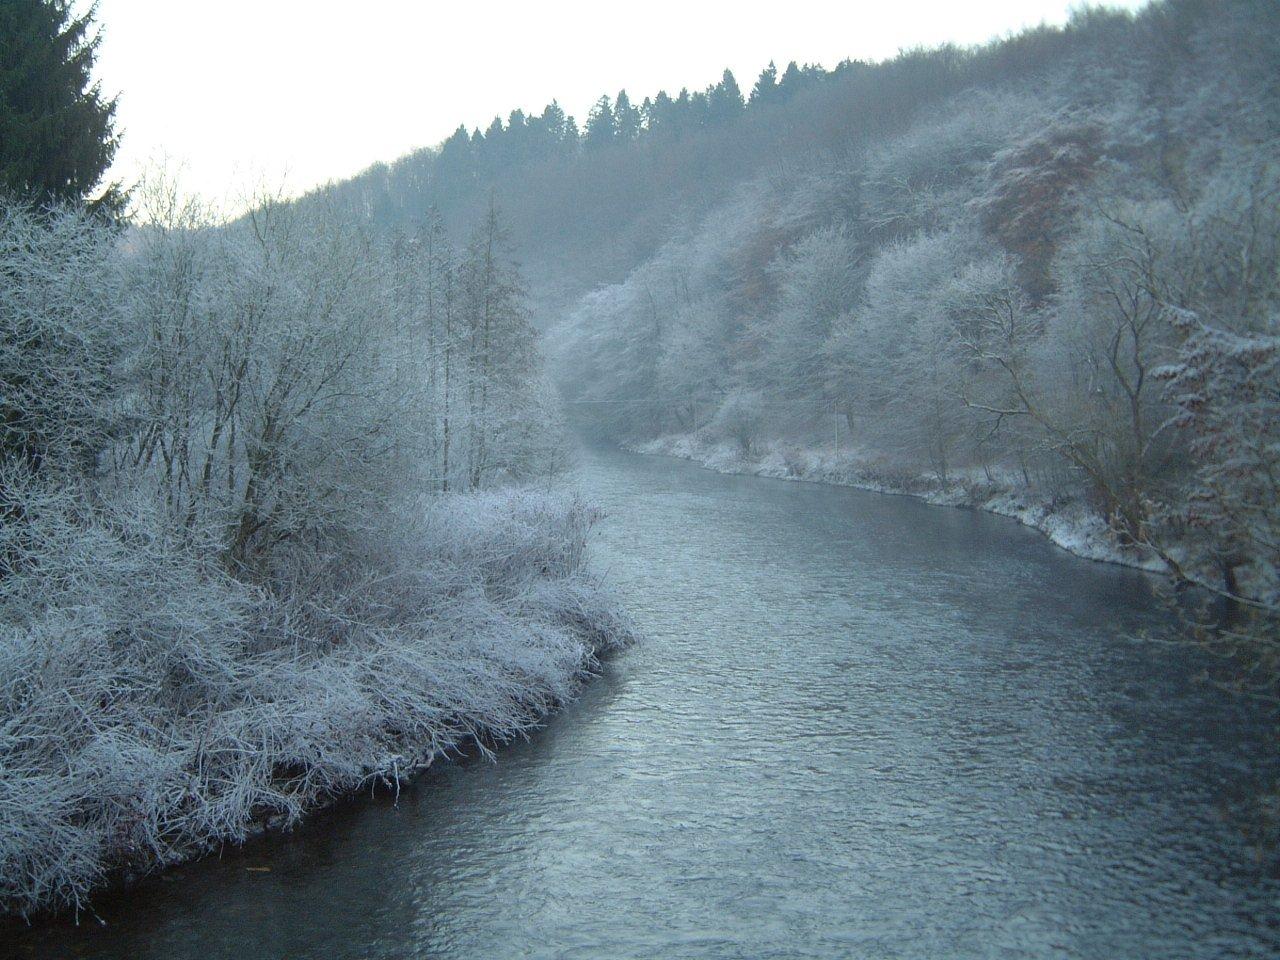 Das Bild zeigt den Fluss Wupper im Winter.